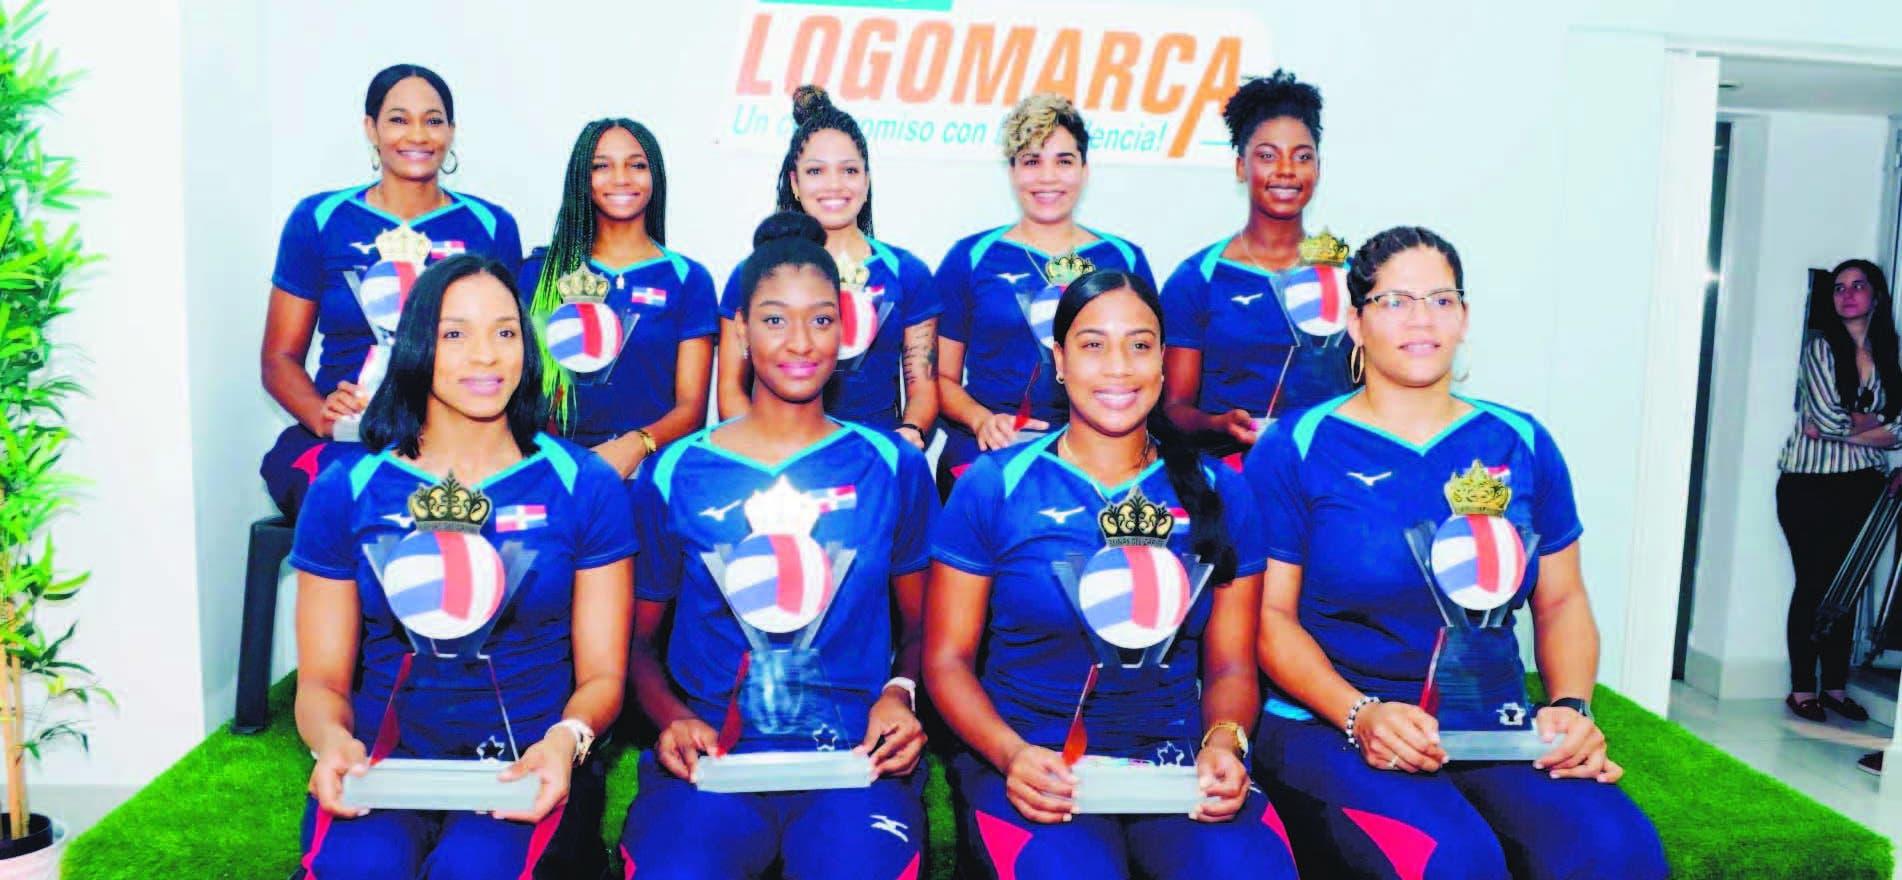 """Exaltan """"Reinas del Caribe"""""""